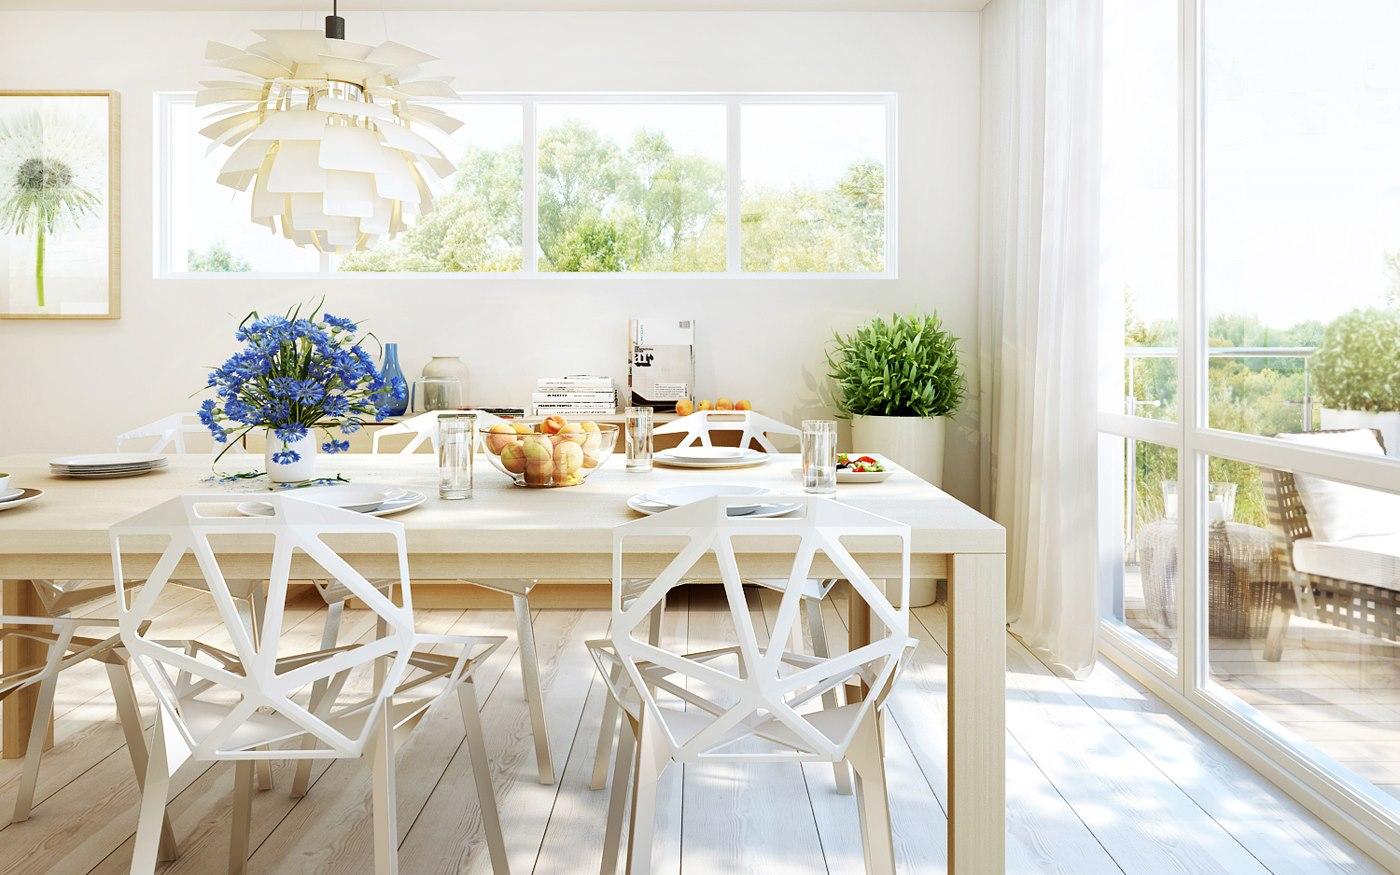 白いテーブル使ってる?コーディネート例とおすすめ商品を紹介のサムネイル画像